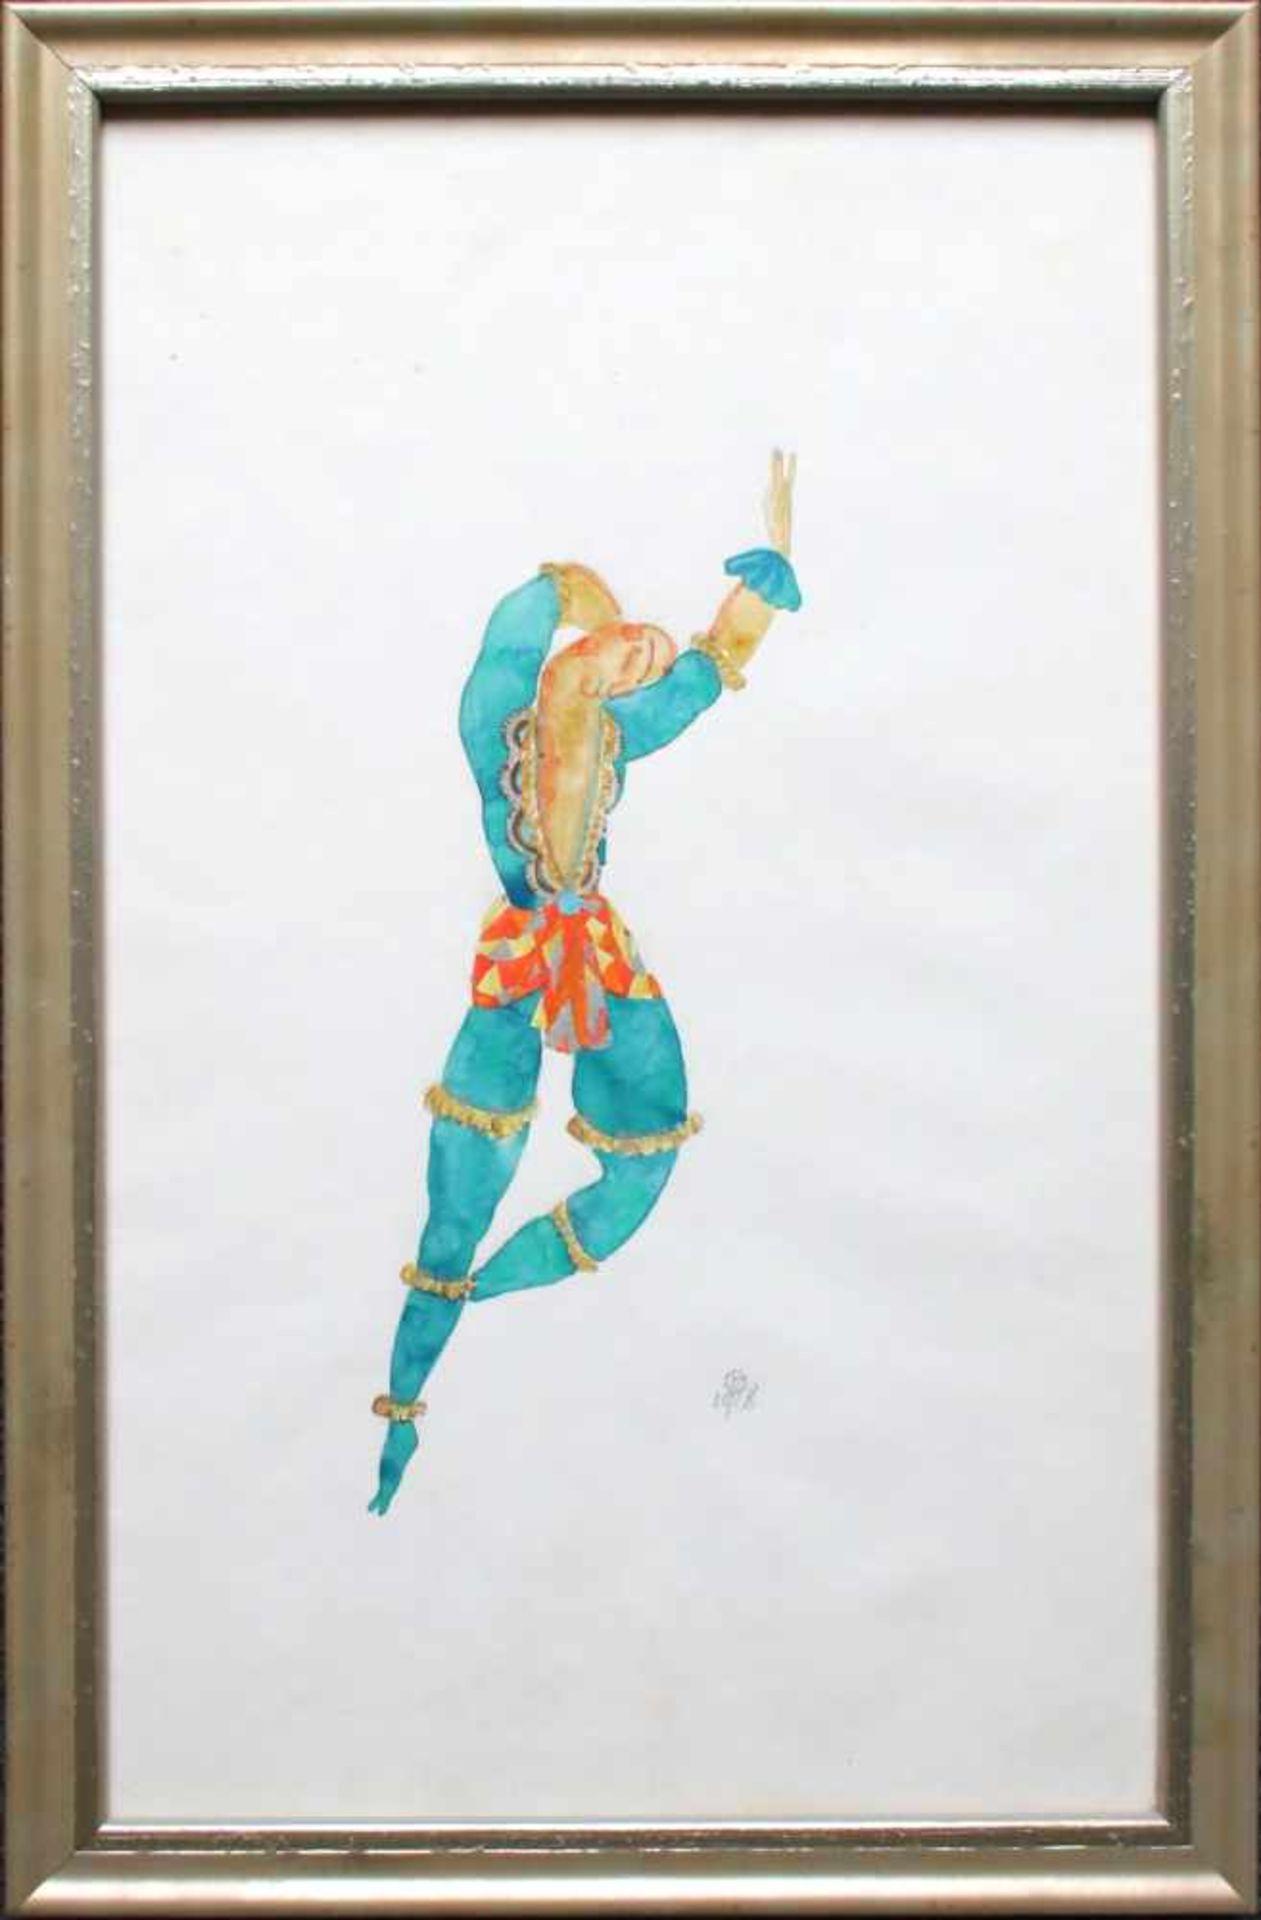 Julius Zimpel (1896 - 1925) Tänzer 1918 Aquarell auf Papier Monogrammiert und datiert 34 x 22 cm